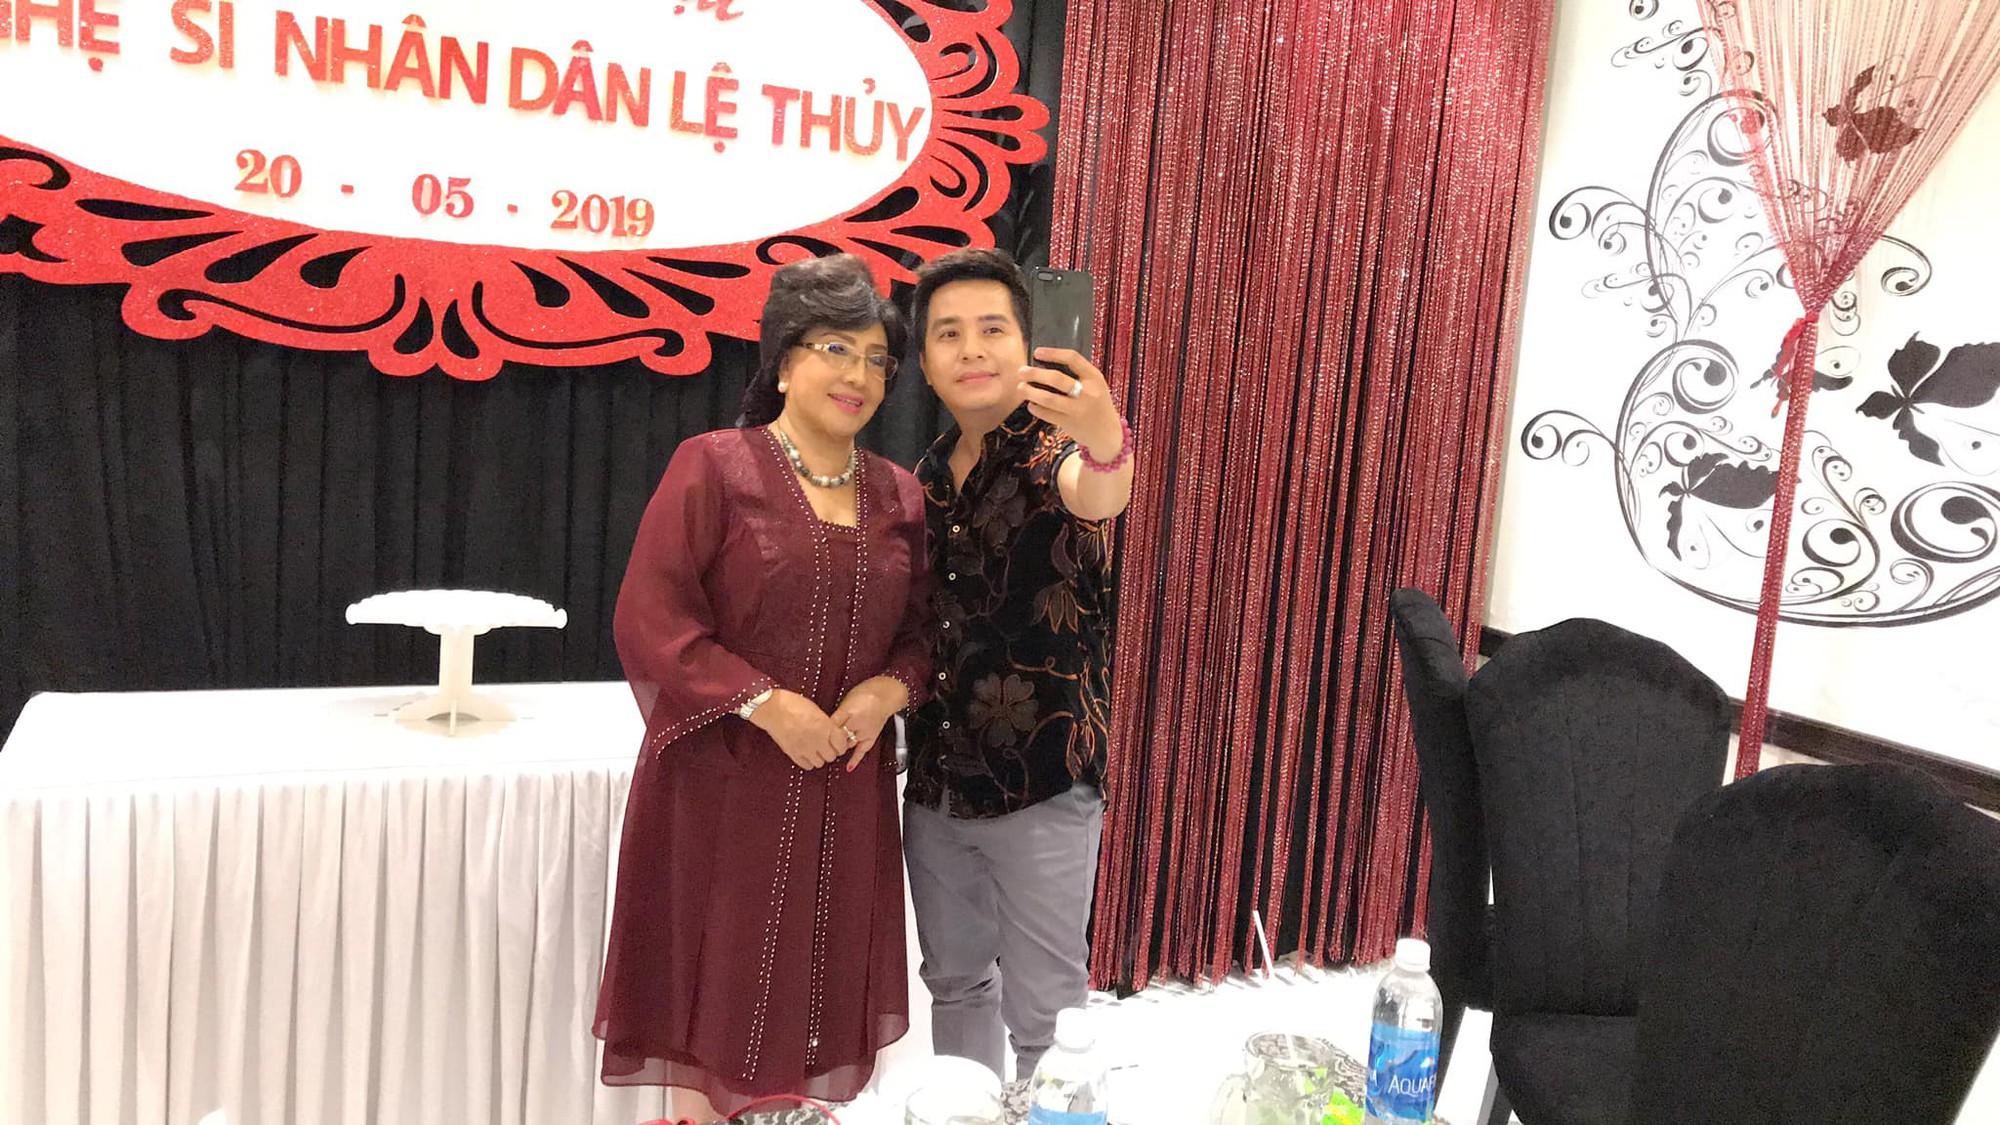 Dàn sao Việt tưng bừng mừng sinh nhật NSND Lệ Thủy - Ảnh 1.